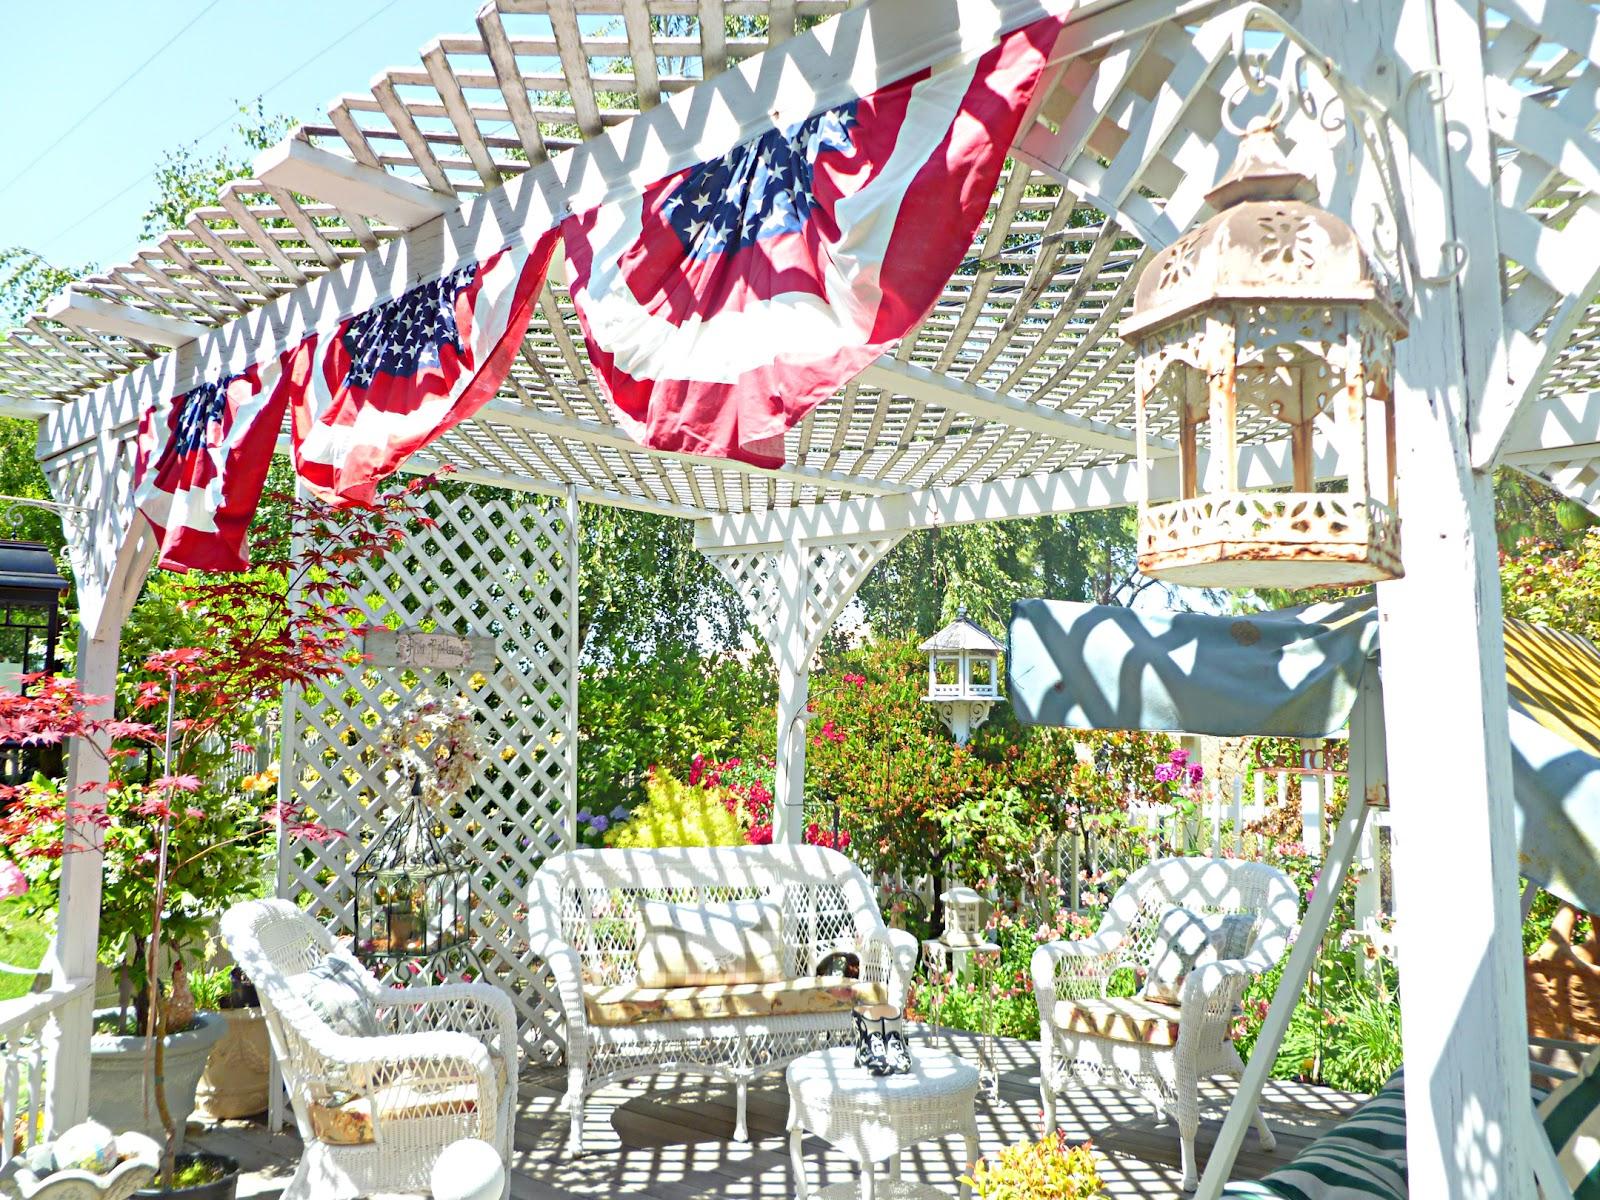 http://2.bp.blogspot.com/-cCA2WCeGNvI/T8aQLUfRnfI/AAAAAAAAFKE/Iu0KtyG--40/s1600/red+white+and+blue+garden.jpg